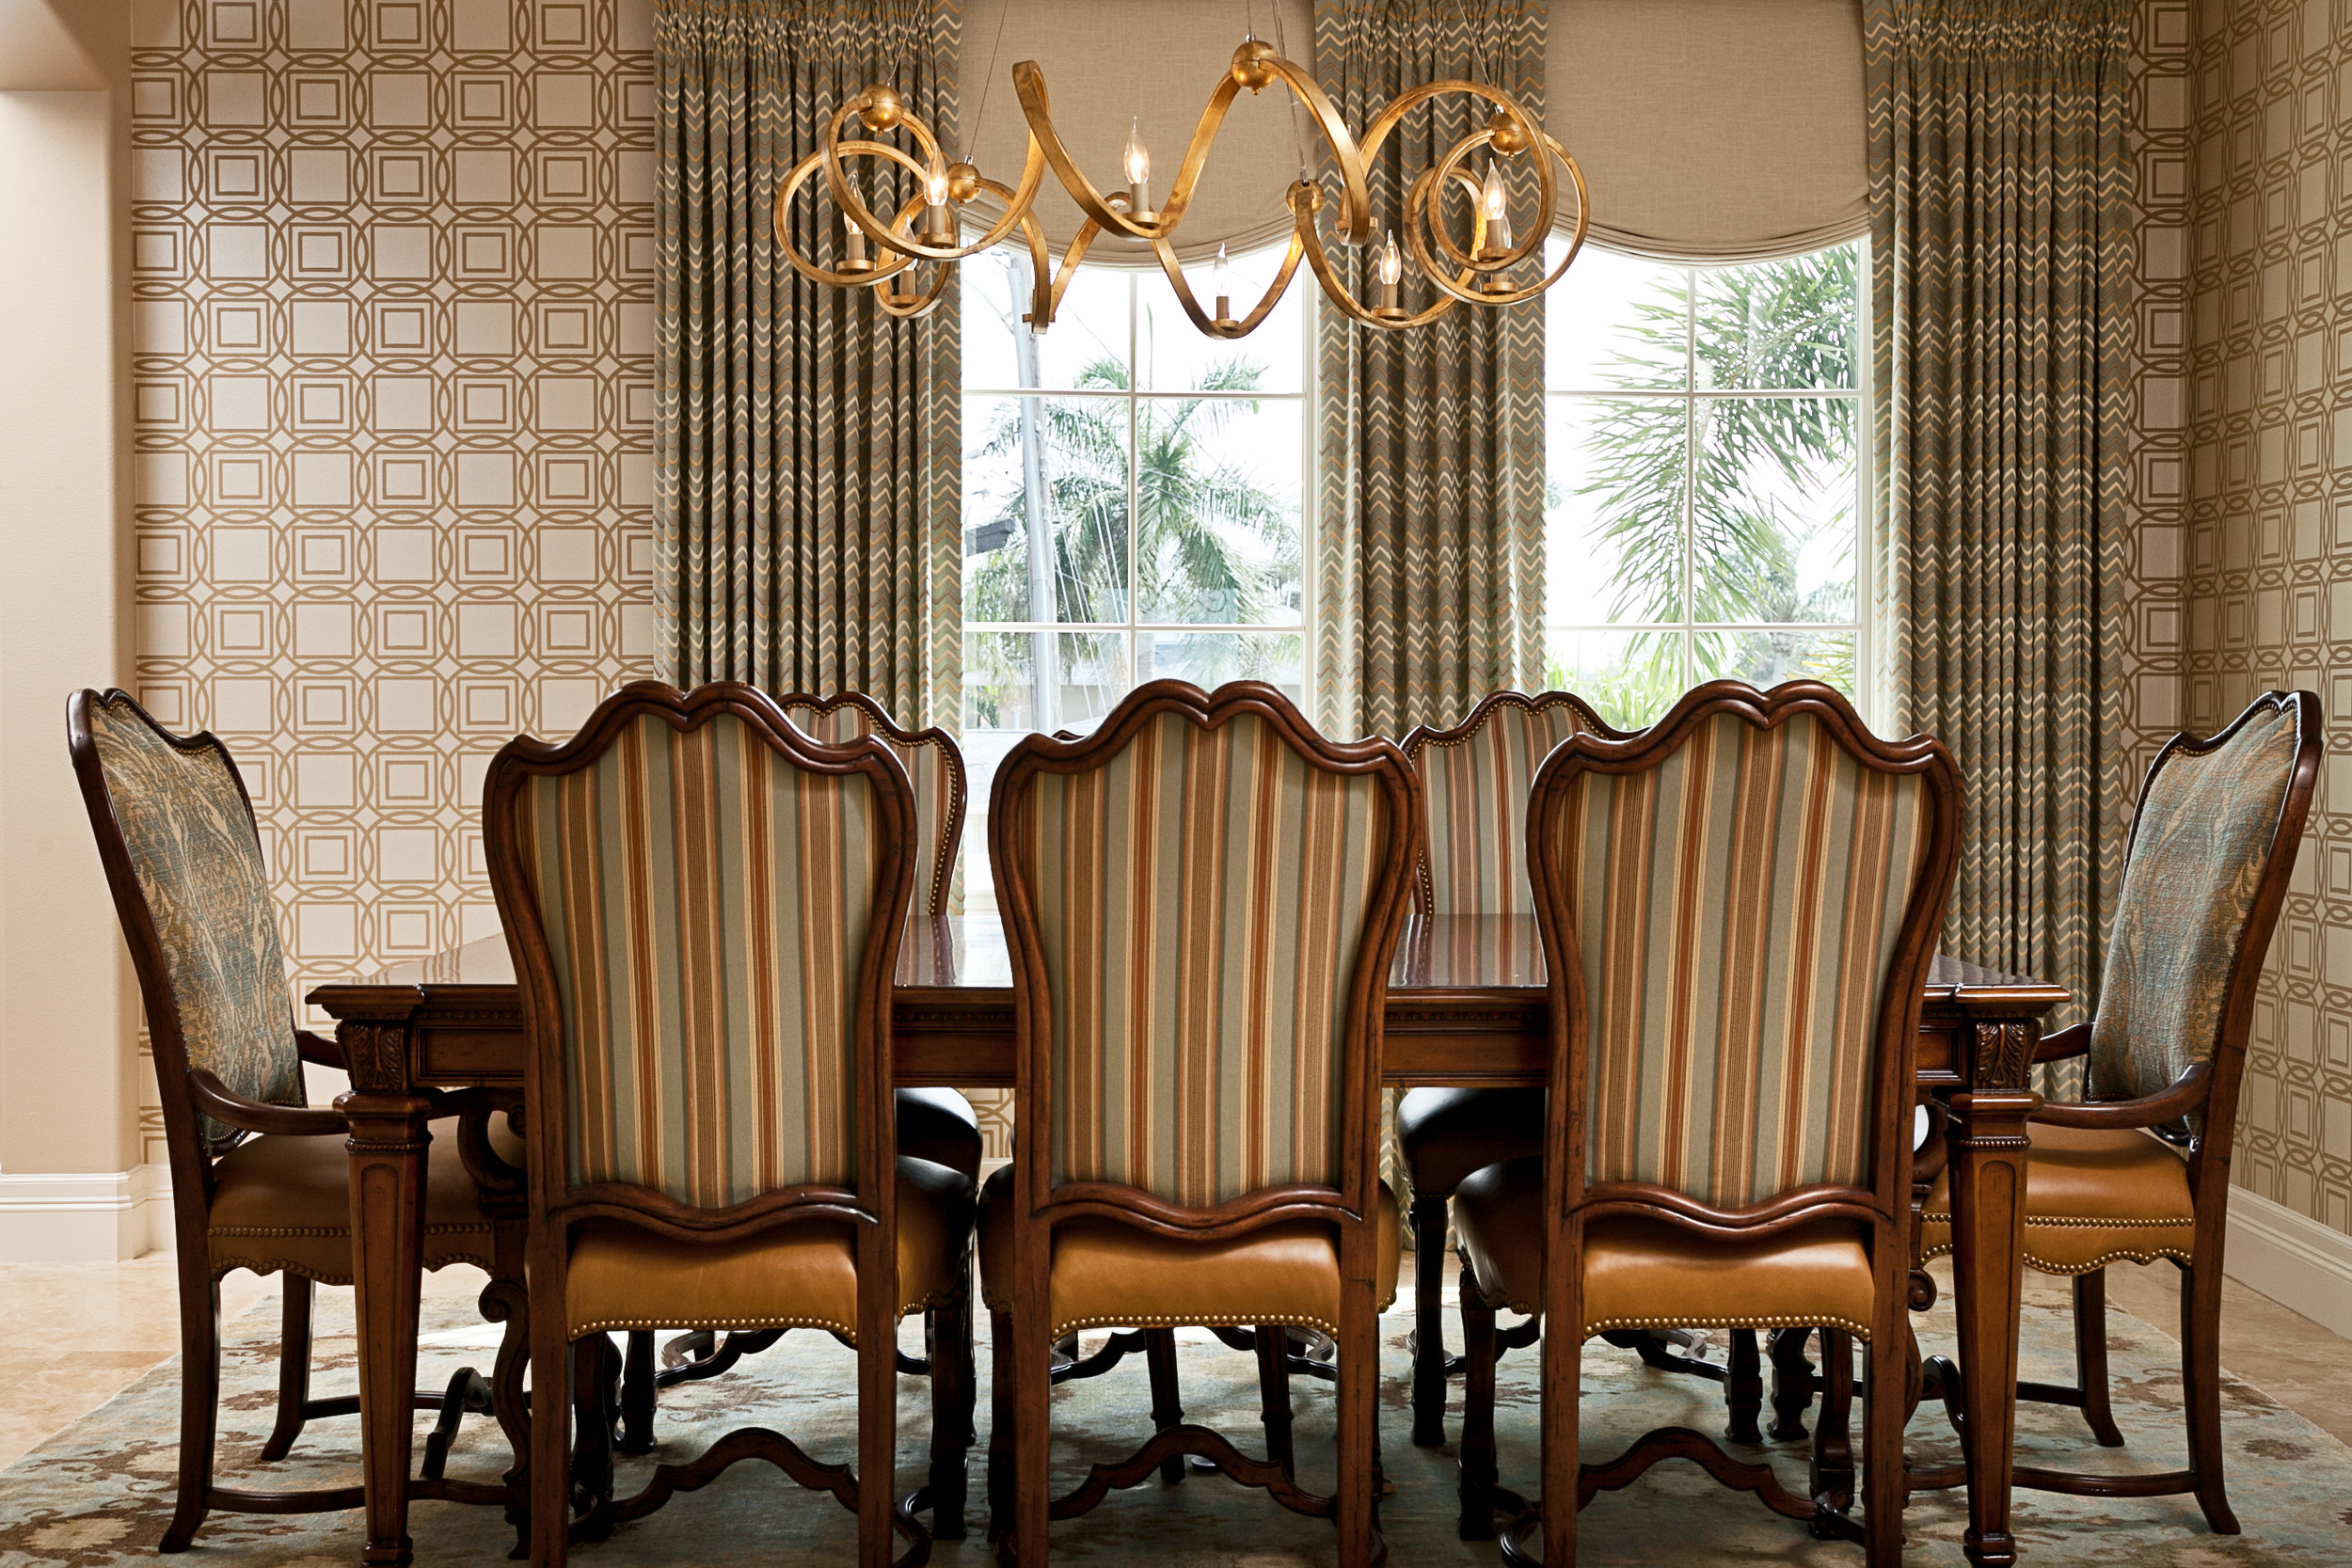 transitional dining room interior design